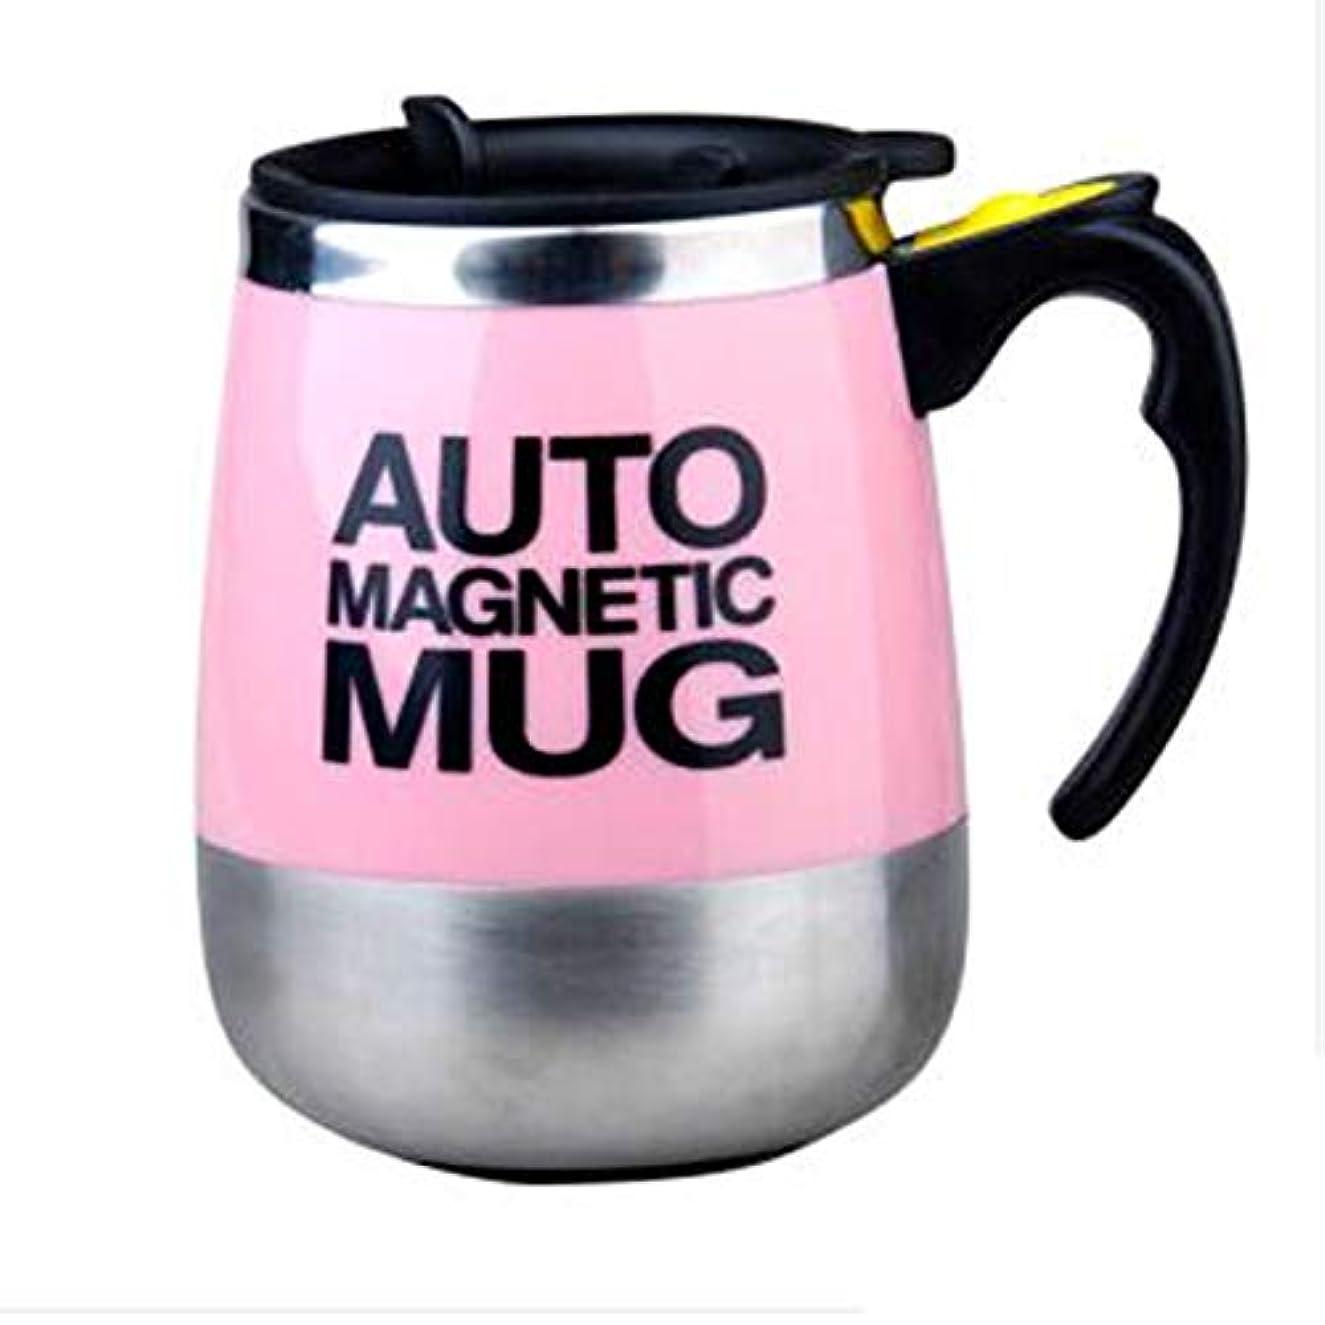 把握追加火薬Yougou01 誕生日プレゼント女の子母の日520プレゼント用ガールフレンド男の子実用的なクリエイティブギフトクリエイティブミキシングカップ 、創造的な装飾 (Capacity : 450ml, Color : Pink)